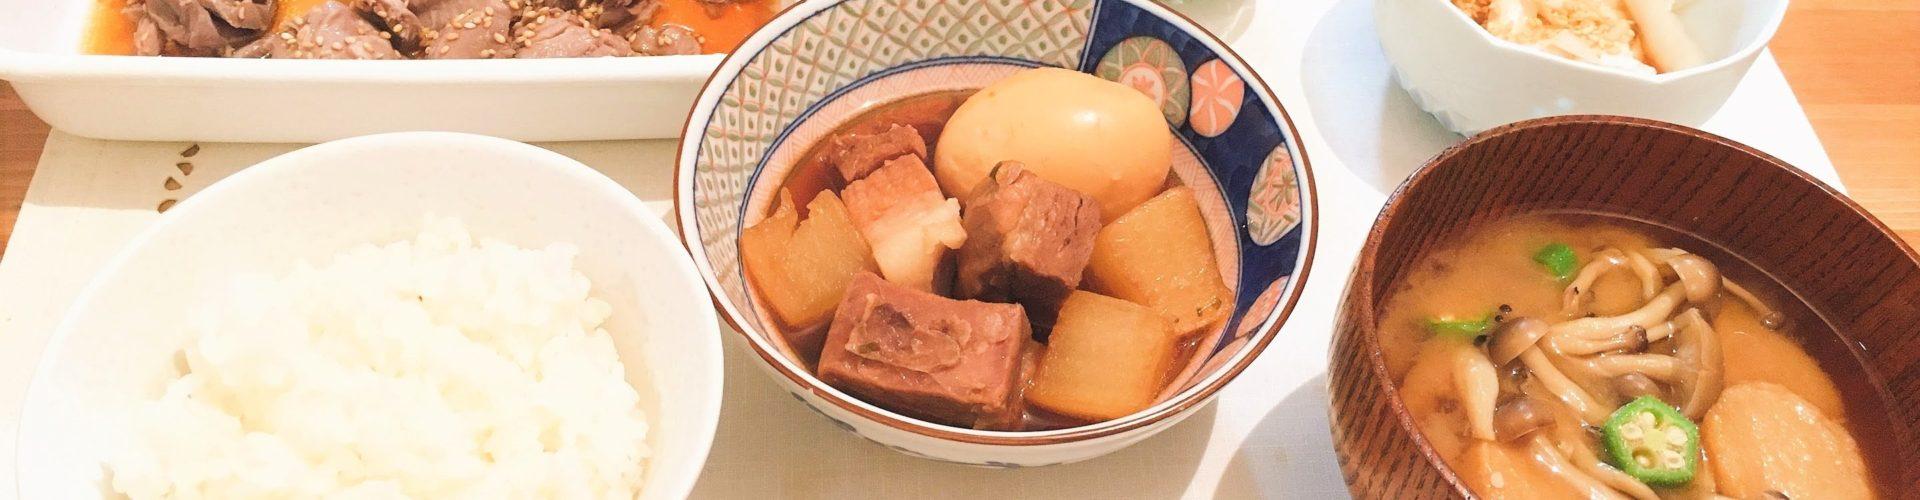 料理「豚の角煮」